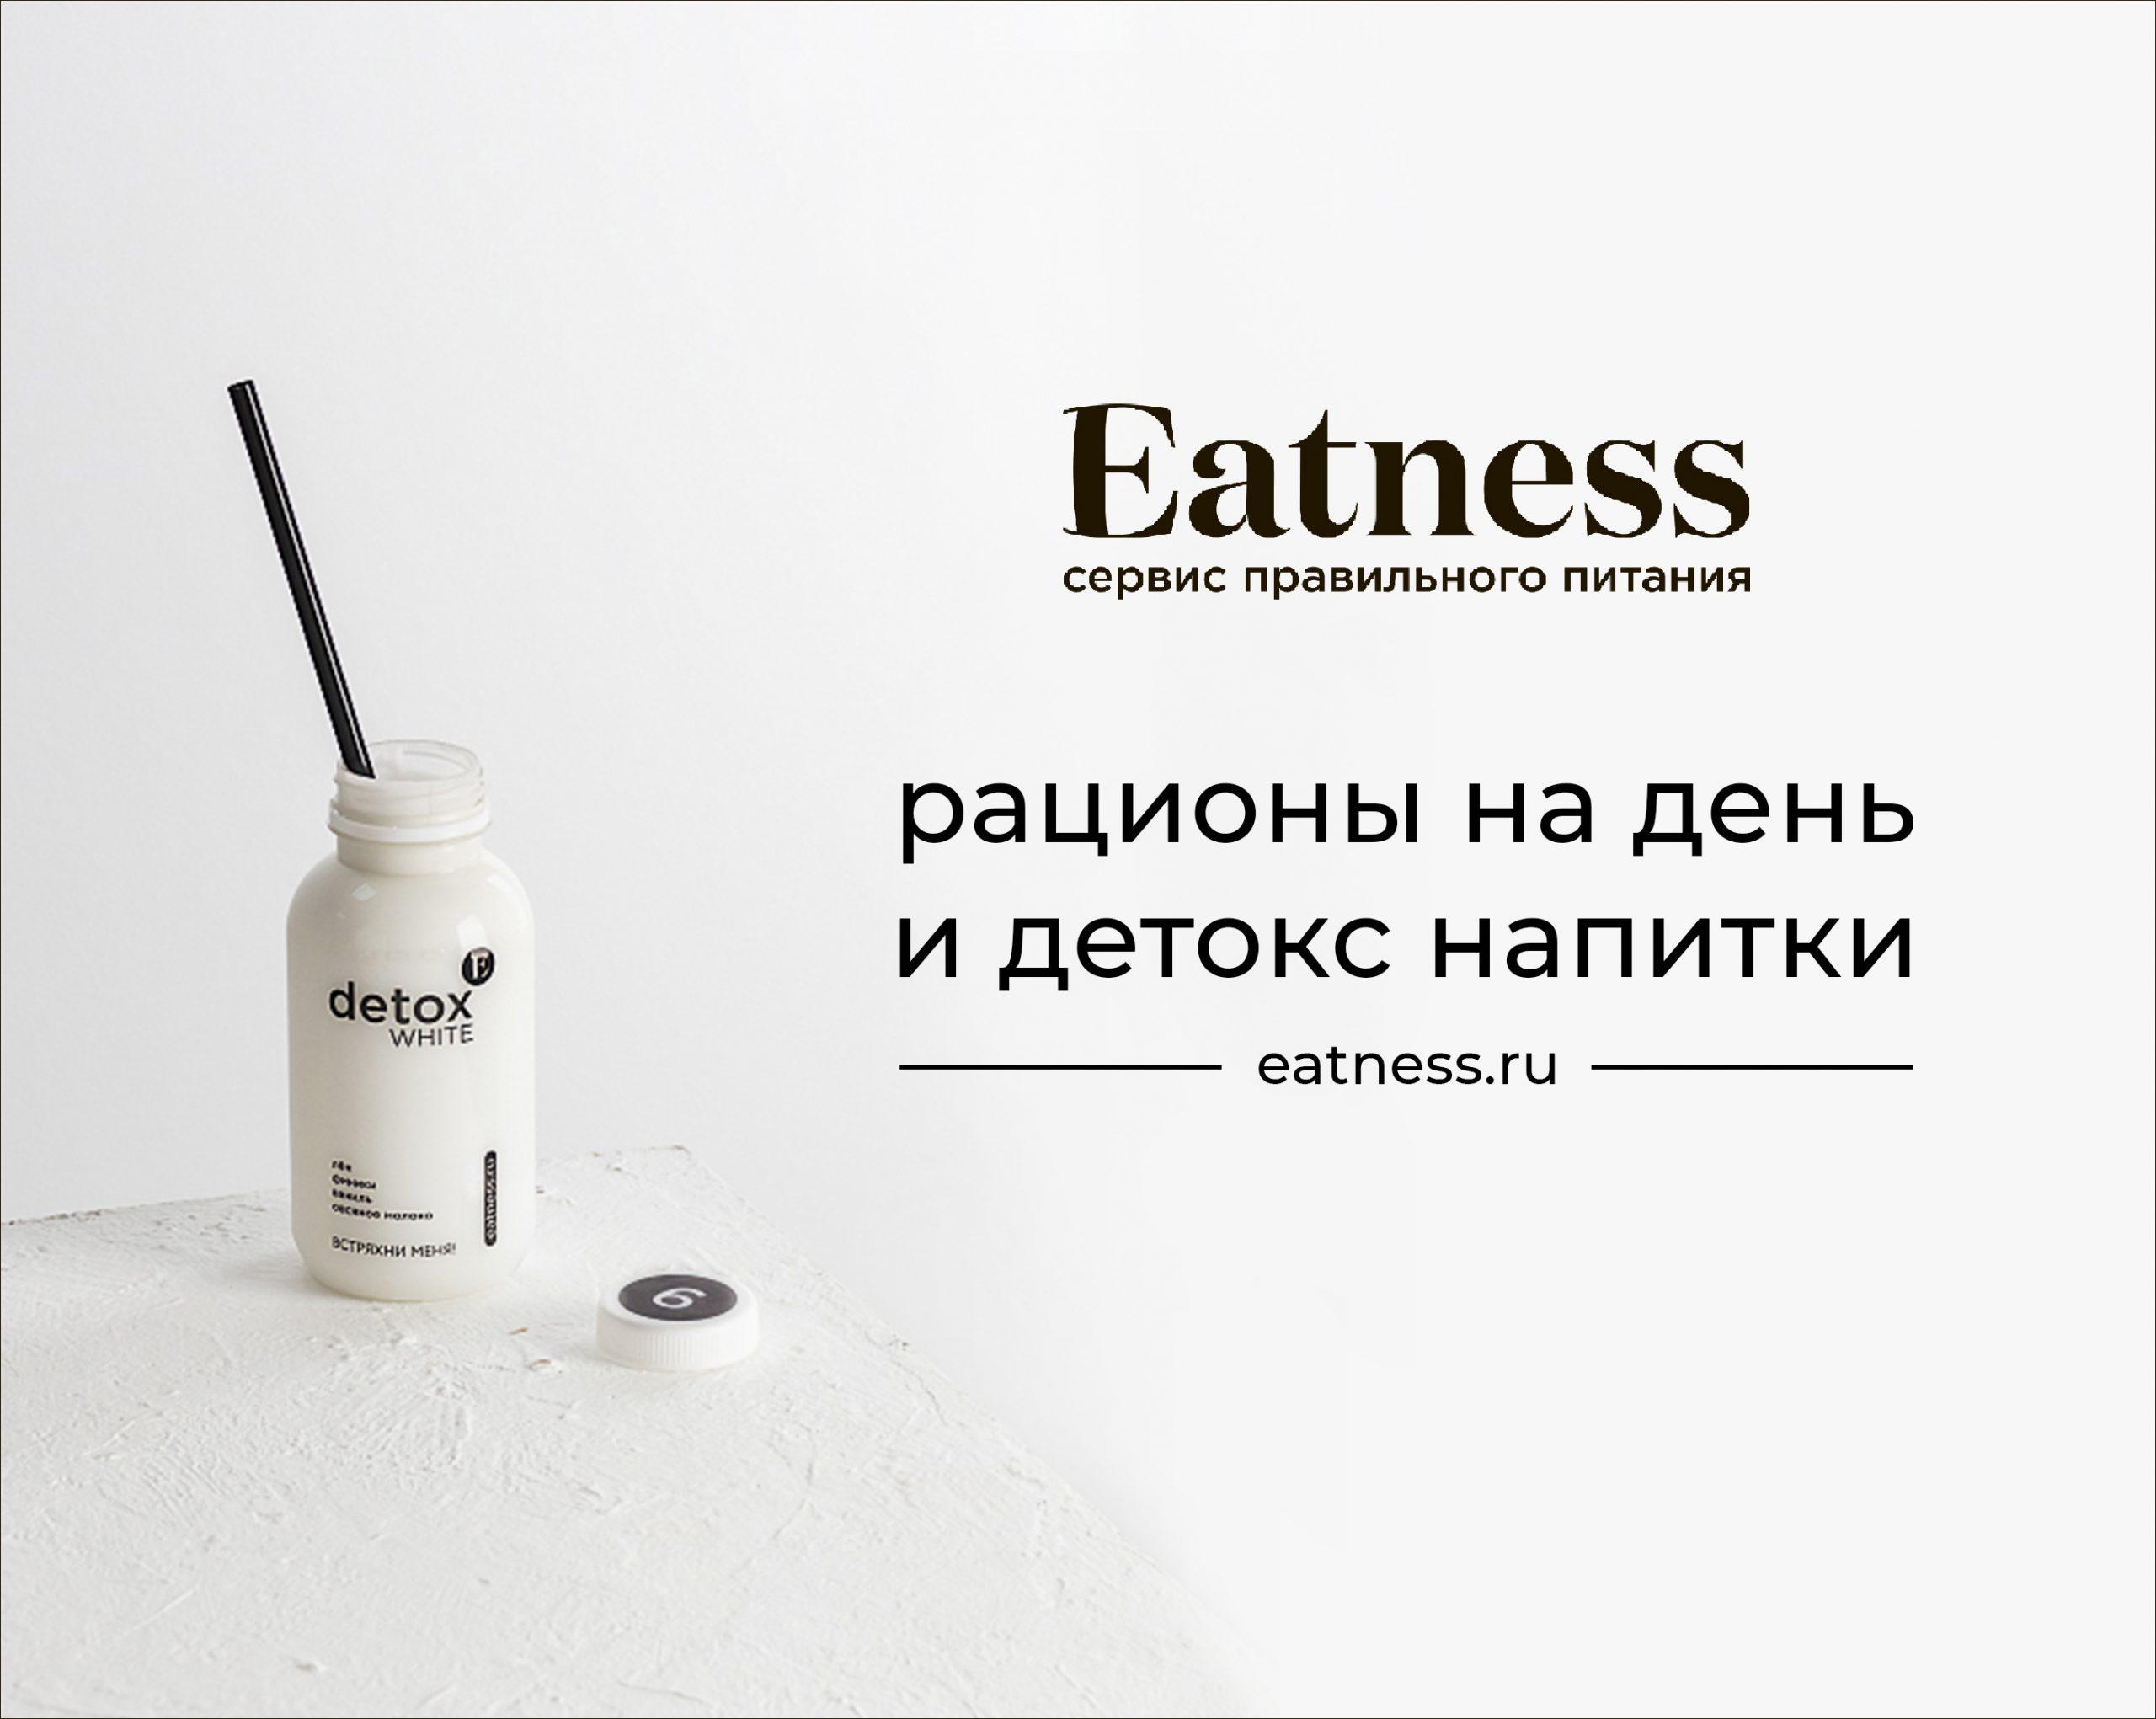 Eatness